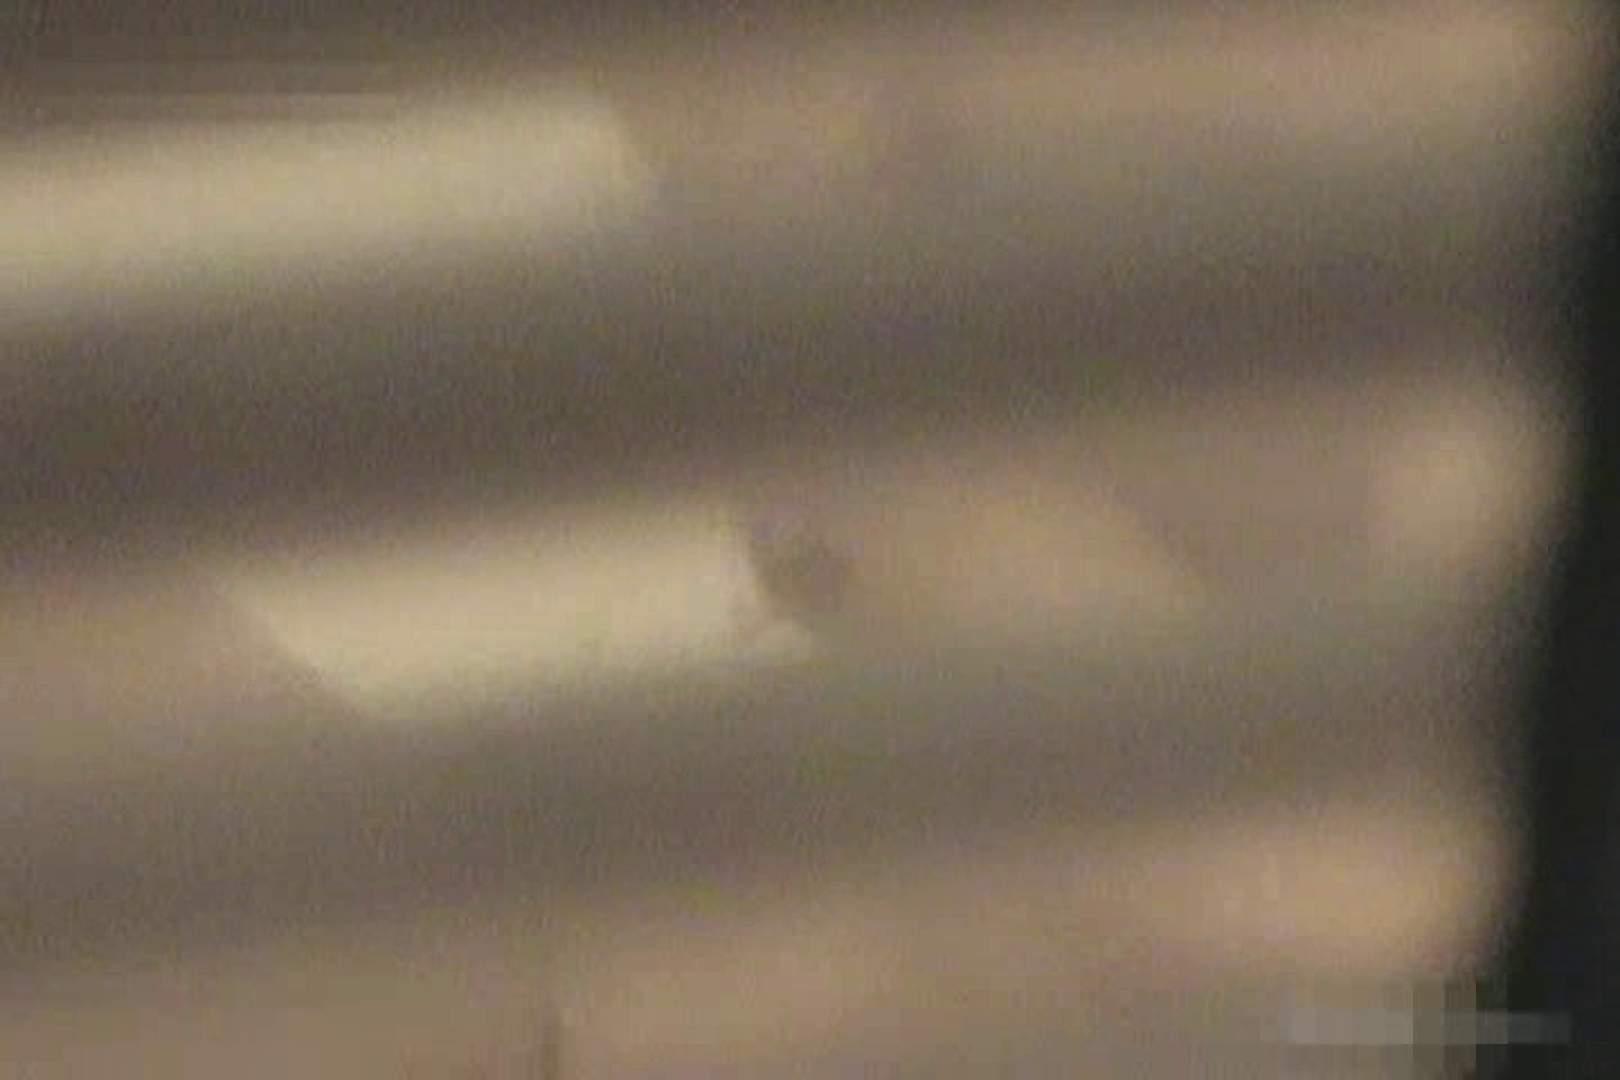 激撮ストーカー記録あなたのお宅拝見しますVol.6 美女OL すけべAV動画紹介 69連発 58